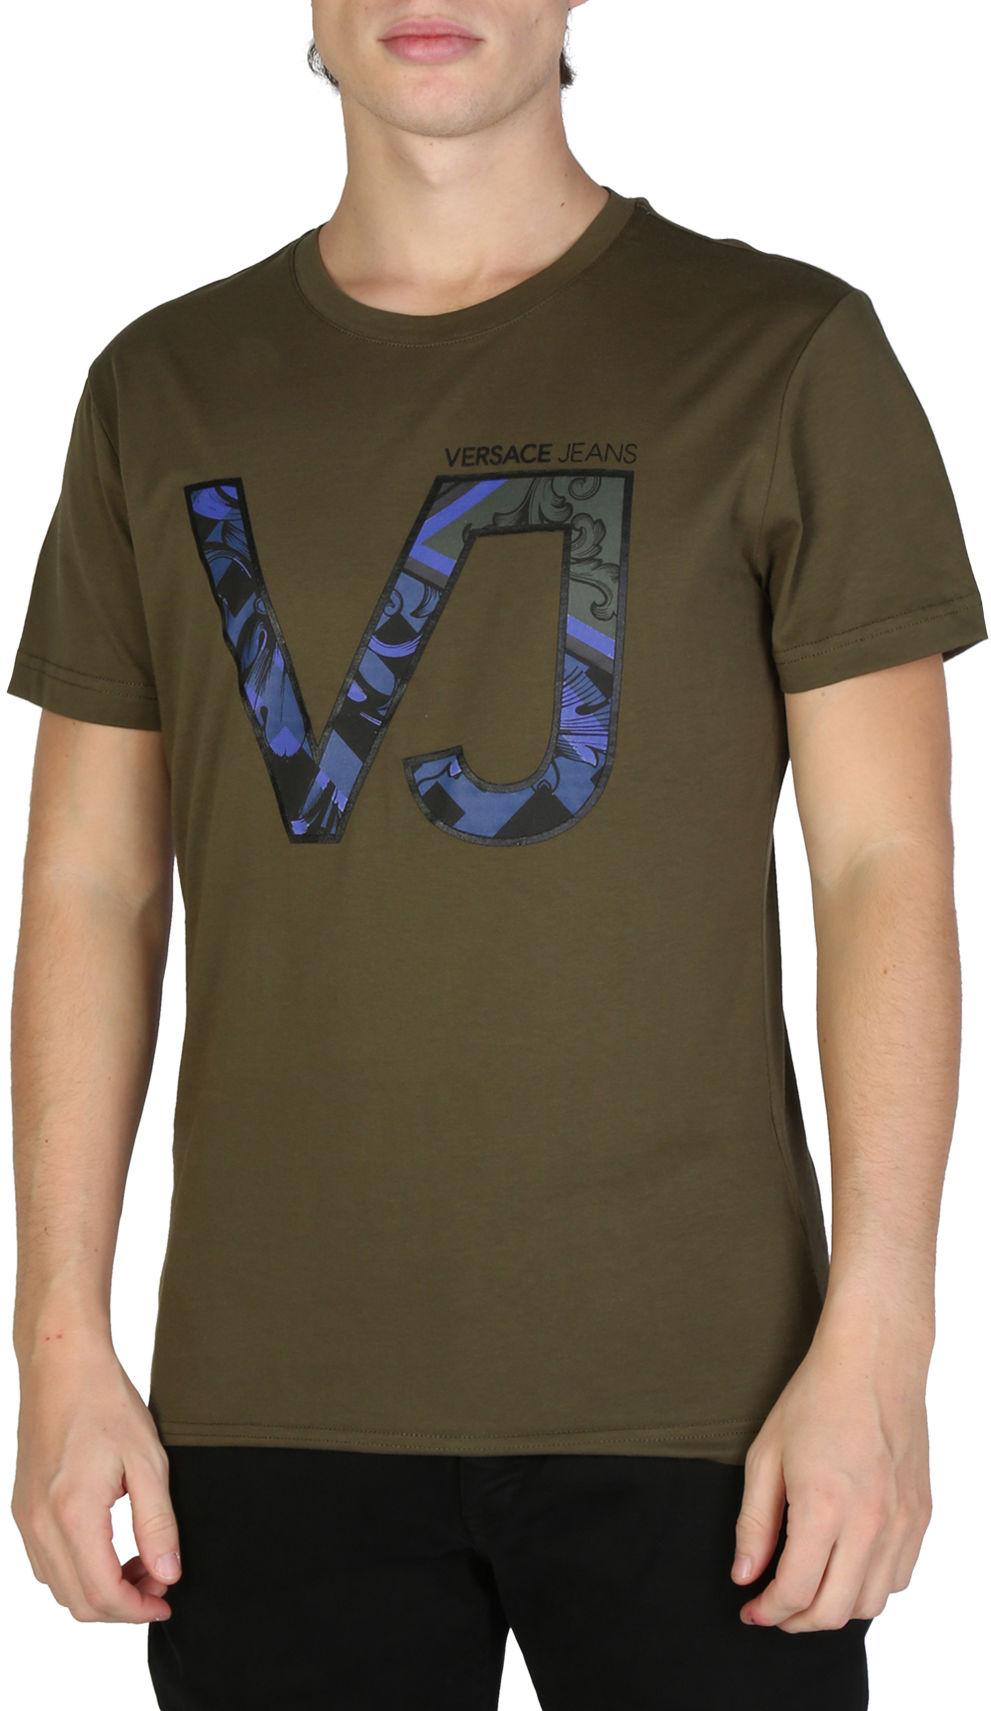 Koszulki Versace Jeans Męskie